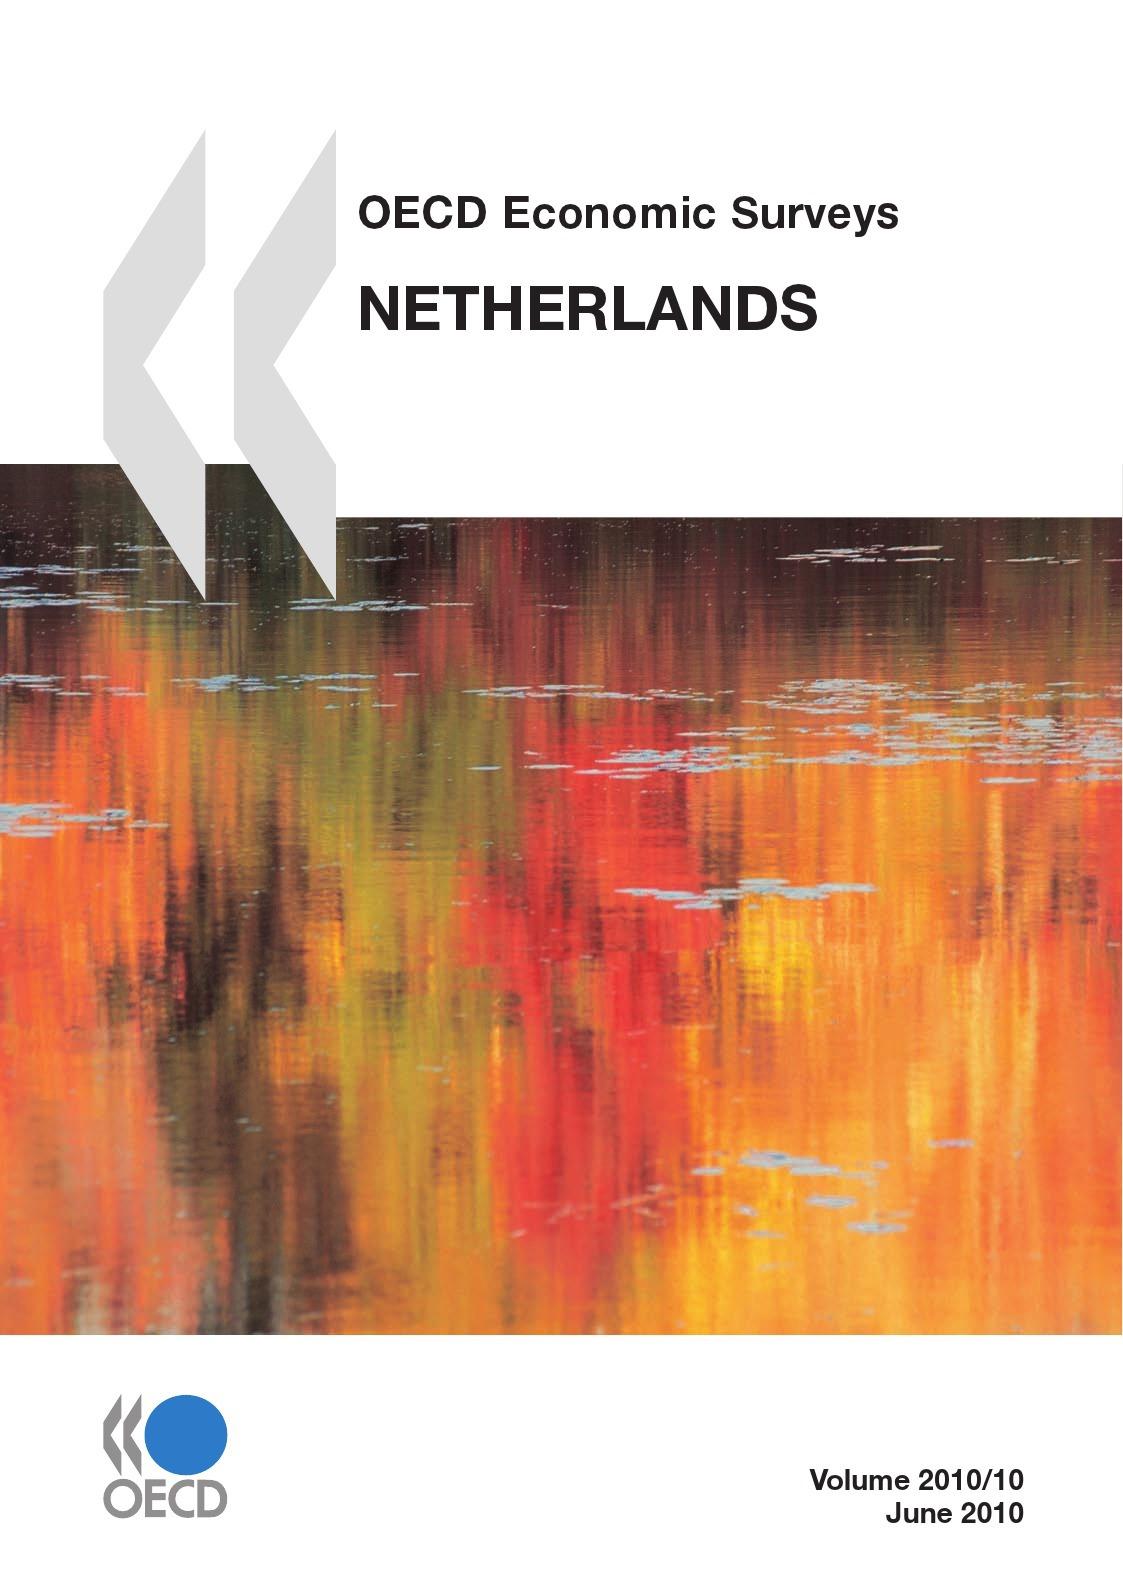 Oecd economic surveys : netherlands 2010